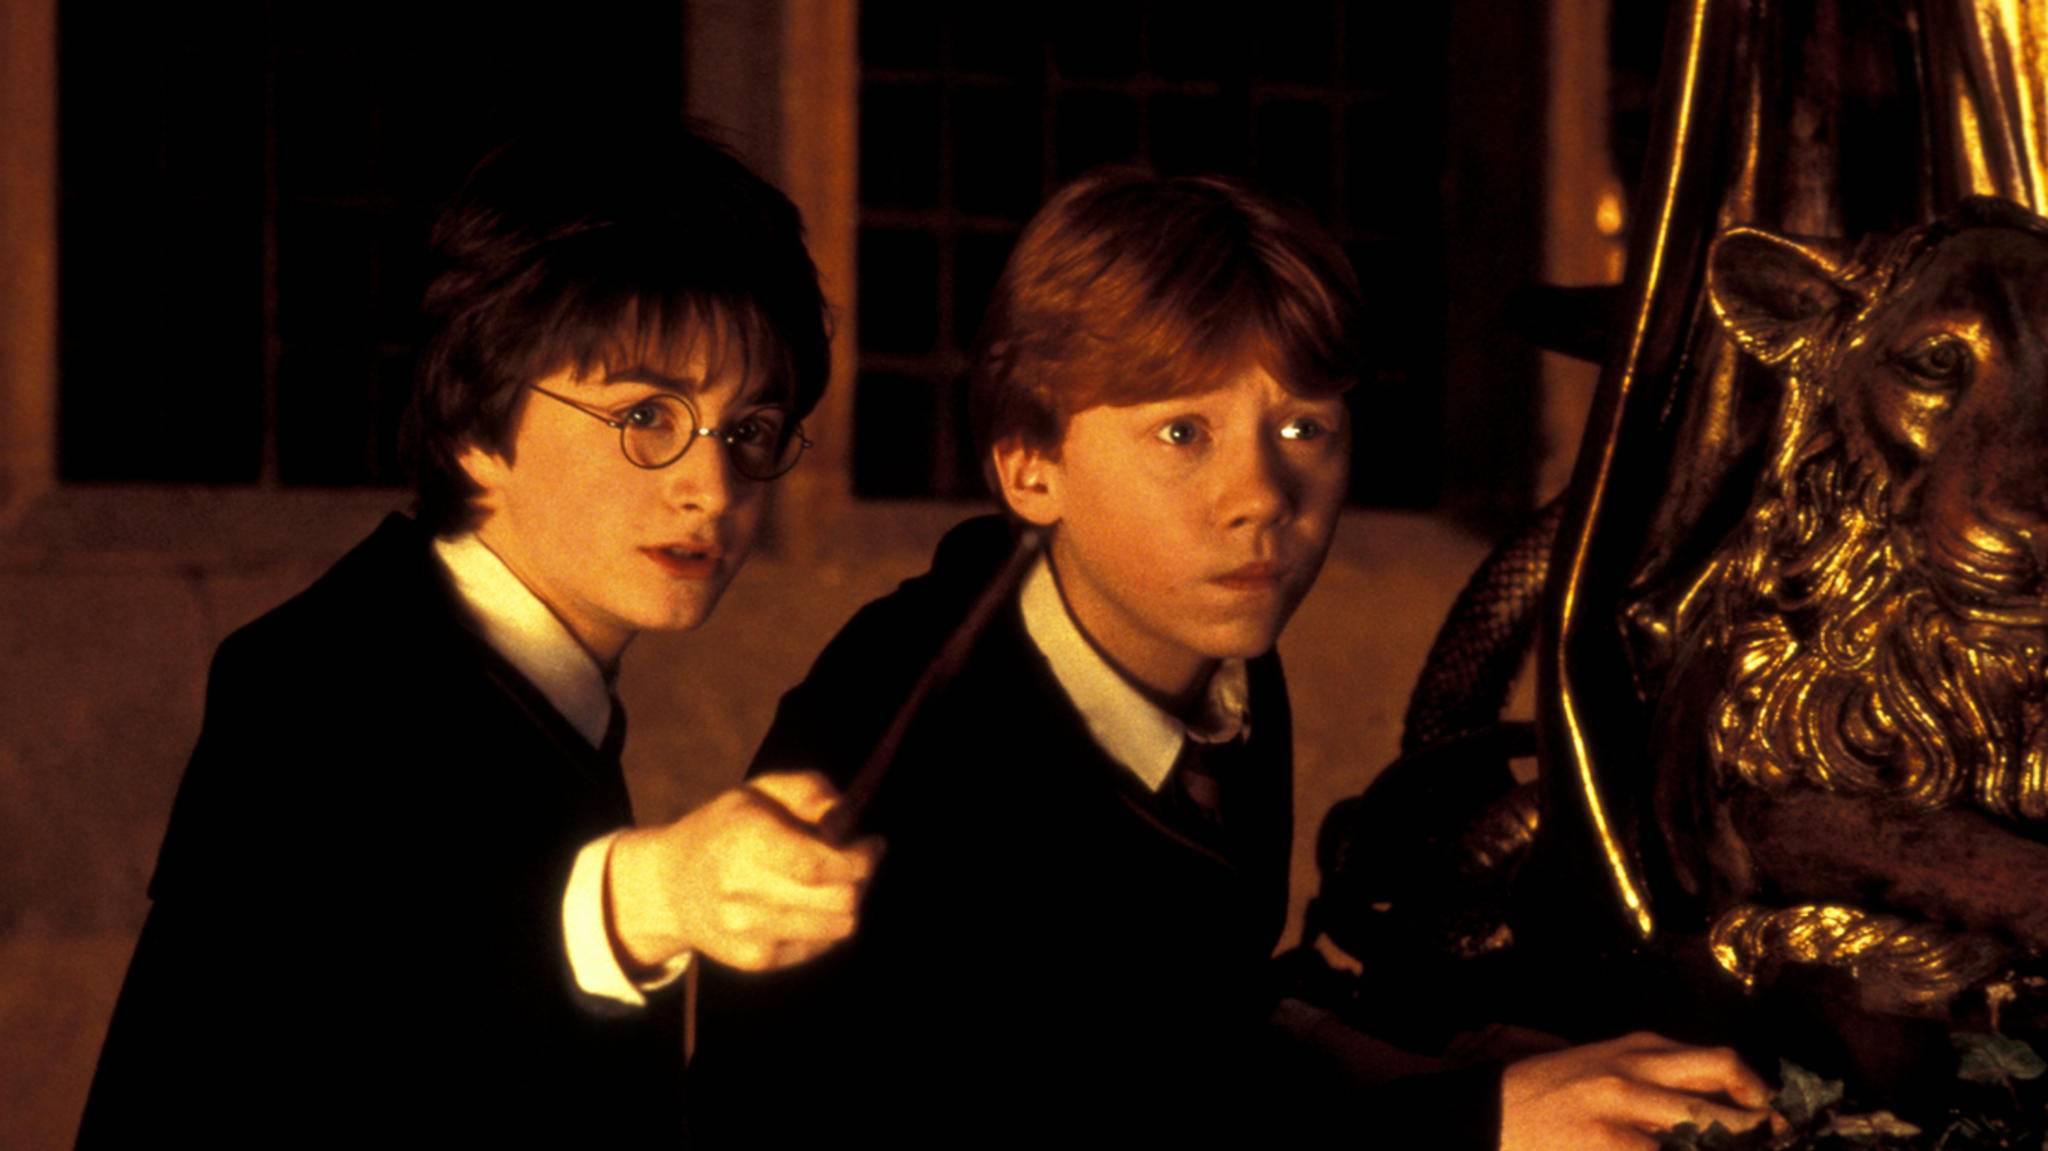 """""""Harry Potter"""" ist für Dich Hexenwerk? Wir verschaffen Dir einen Überblick über alle zentralen """"Harry Potter""""-Charaktere."""